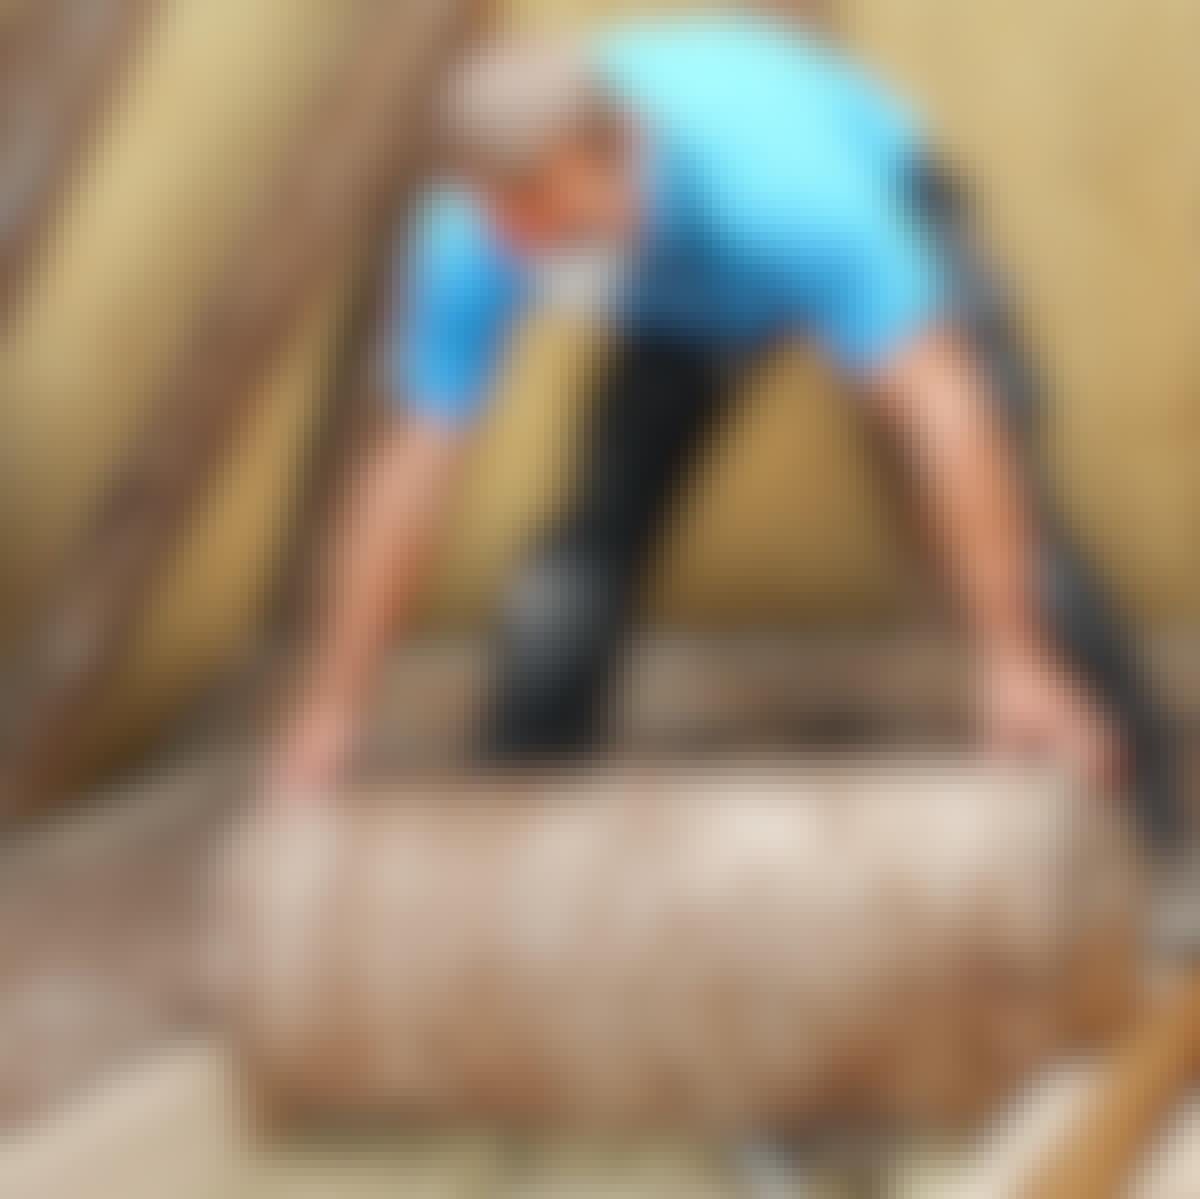 Hvis du har et loftsrum uden forhindringer, kan det betale sig at isolere med ruller.